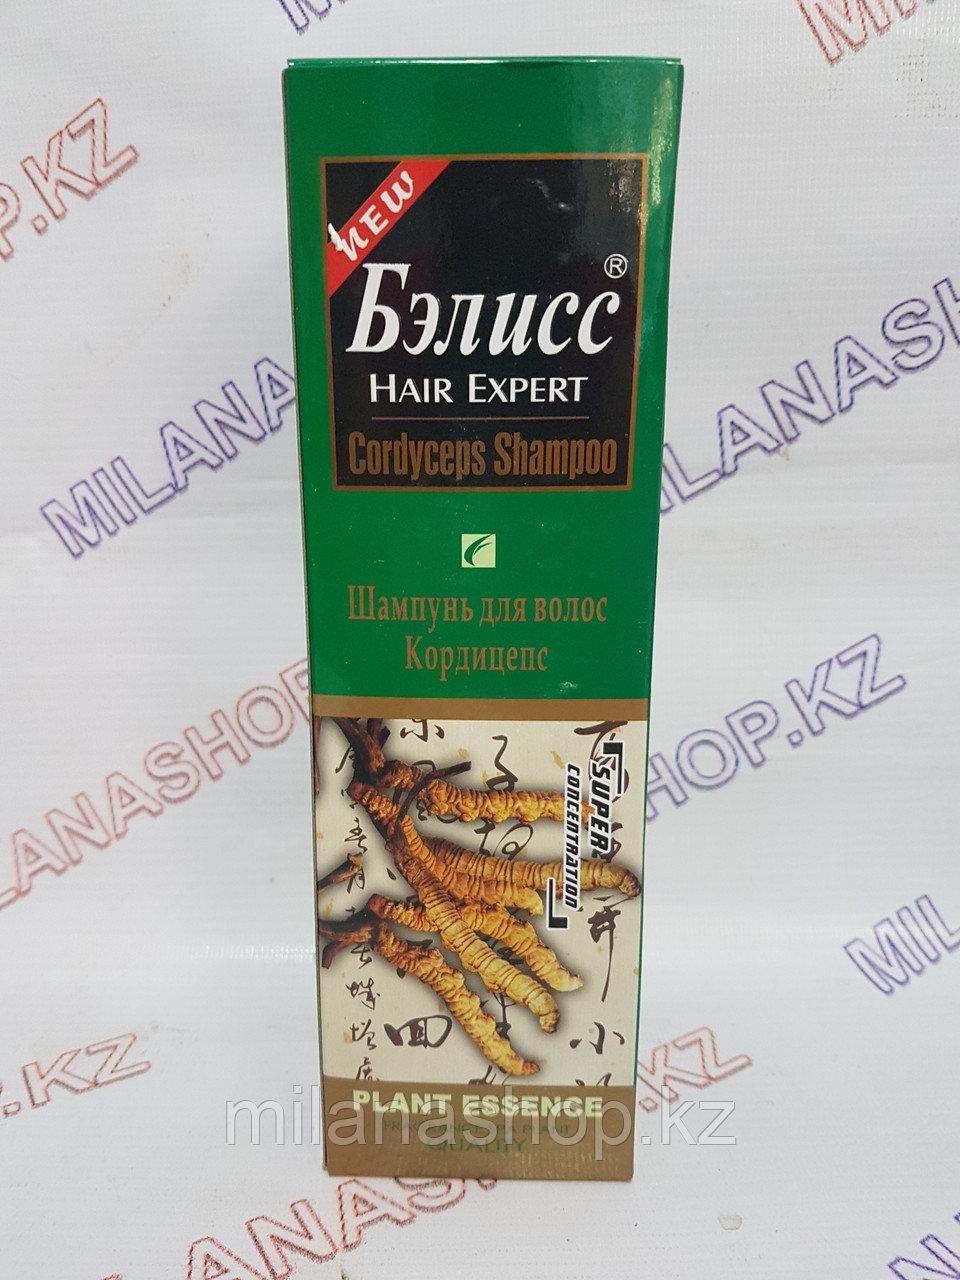 Бэлисс -  Шампунь для волос - Кордицепс